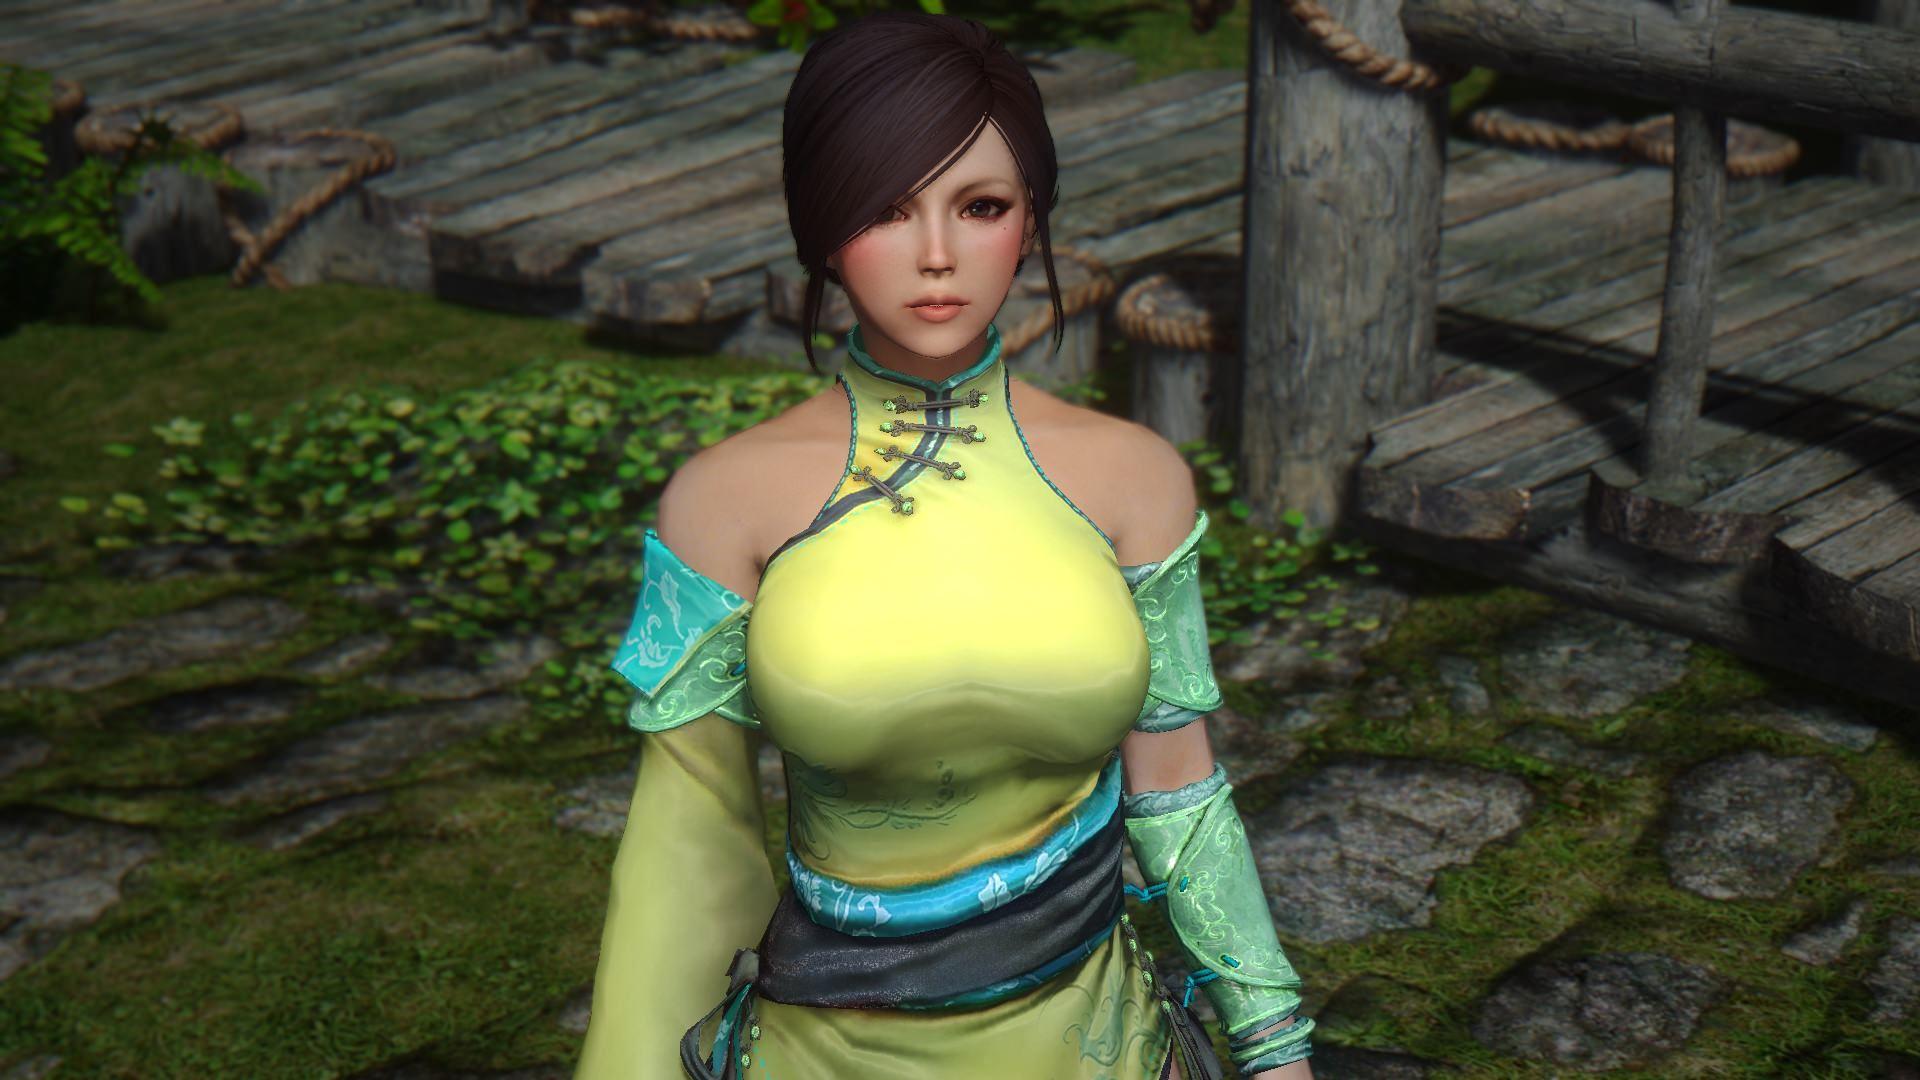 BDO_Rans_Outfit_se_ond_v3_0_CBBE_1.jpg